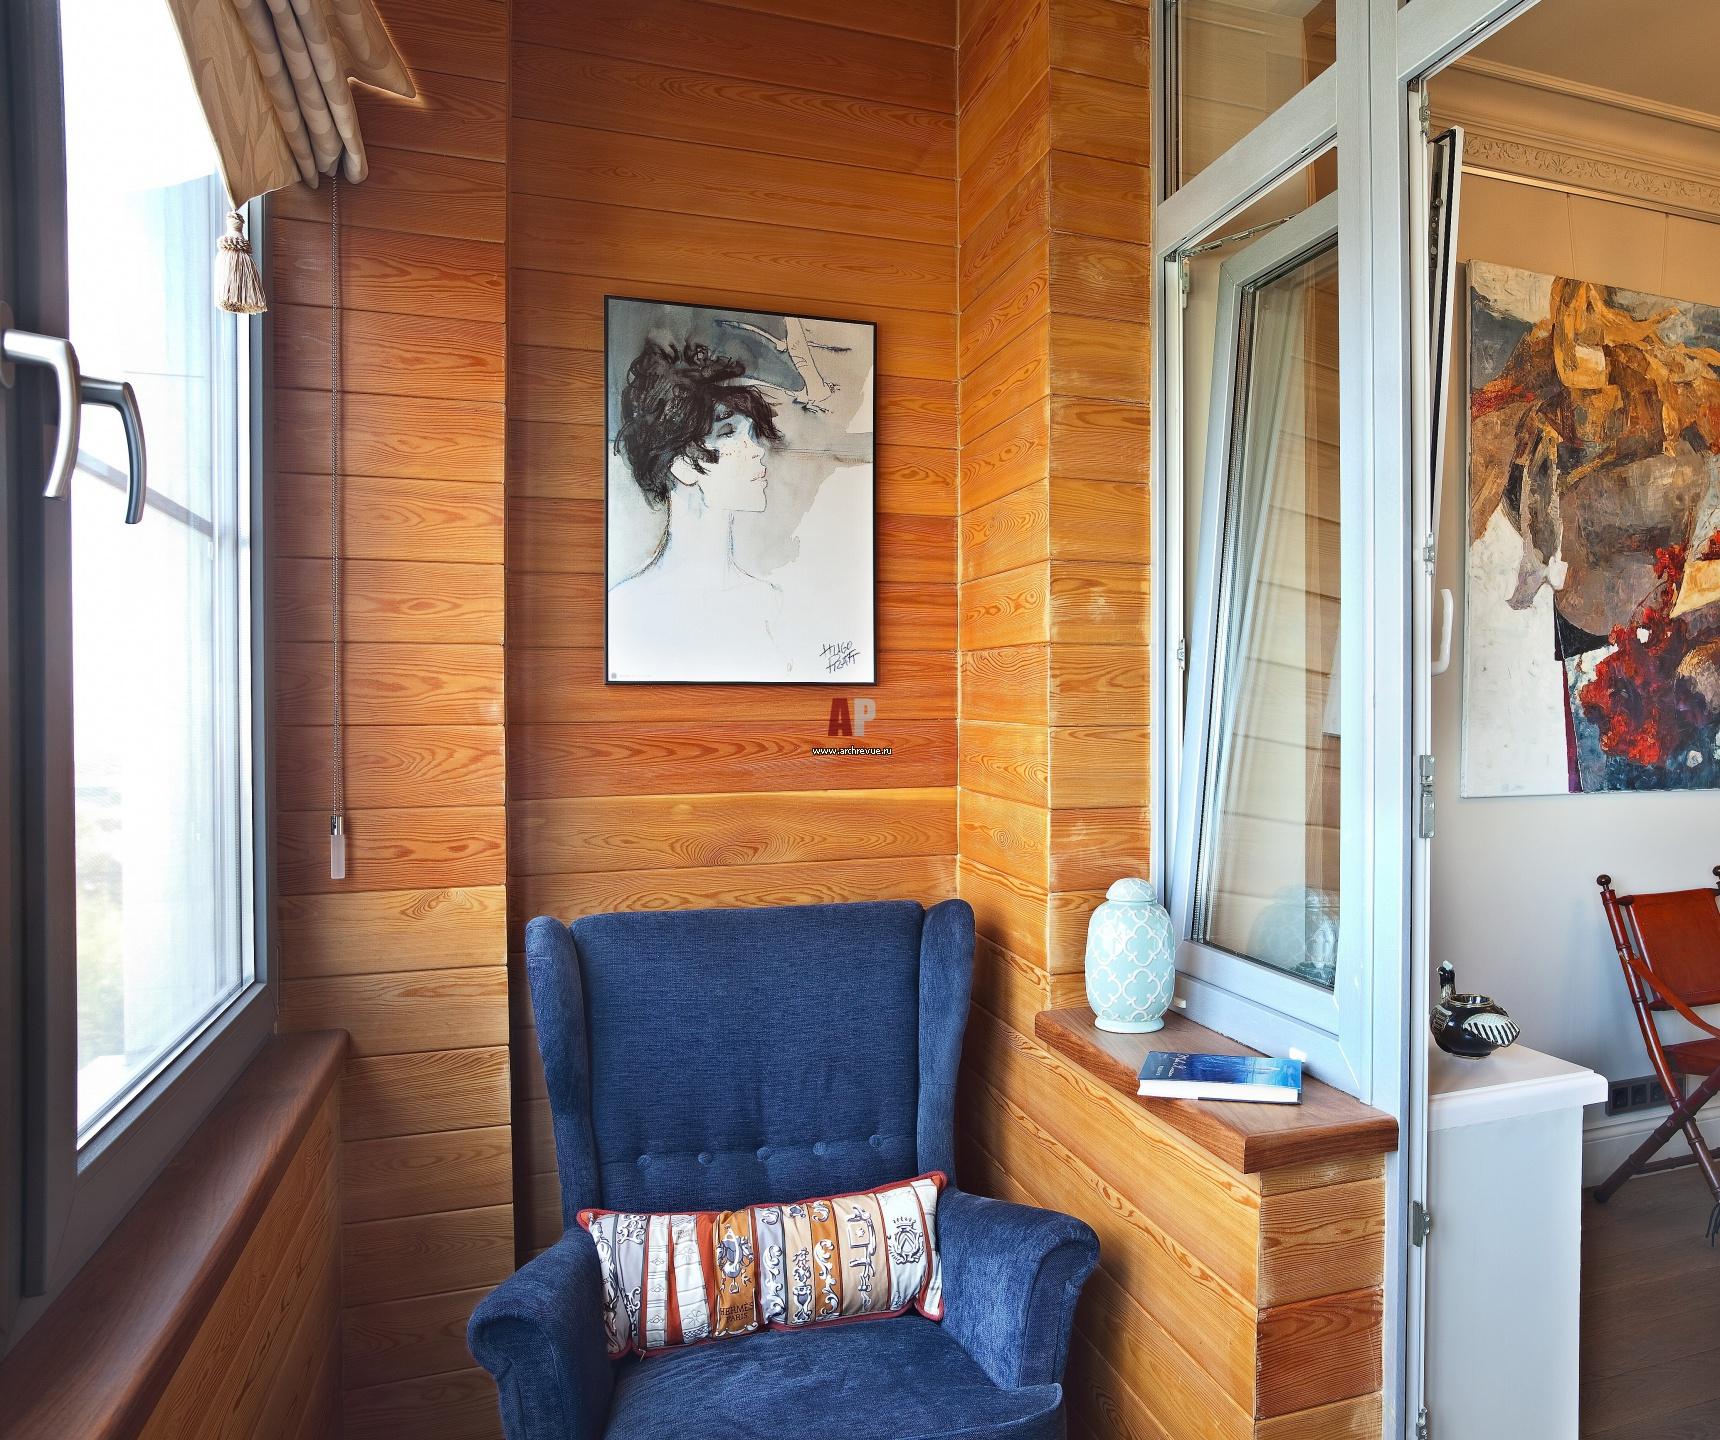 Фото интерьера лоджии небольшой квартиры в стиле фьюжн.